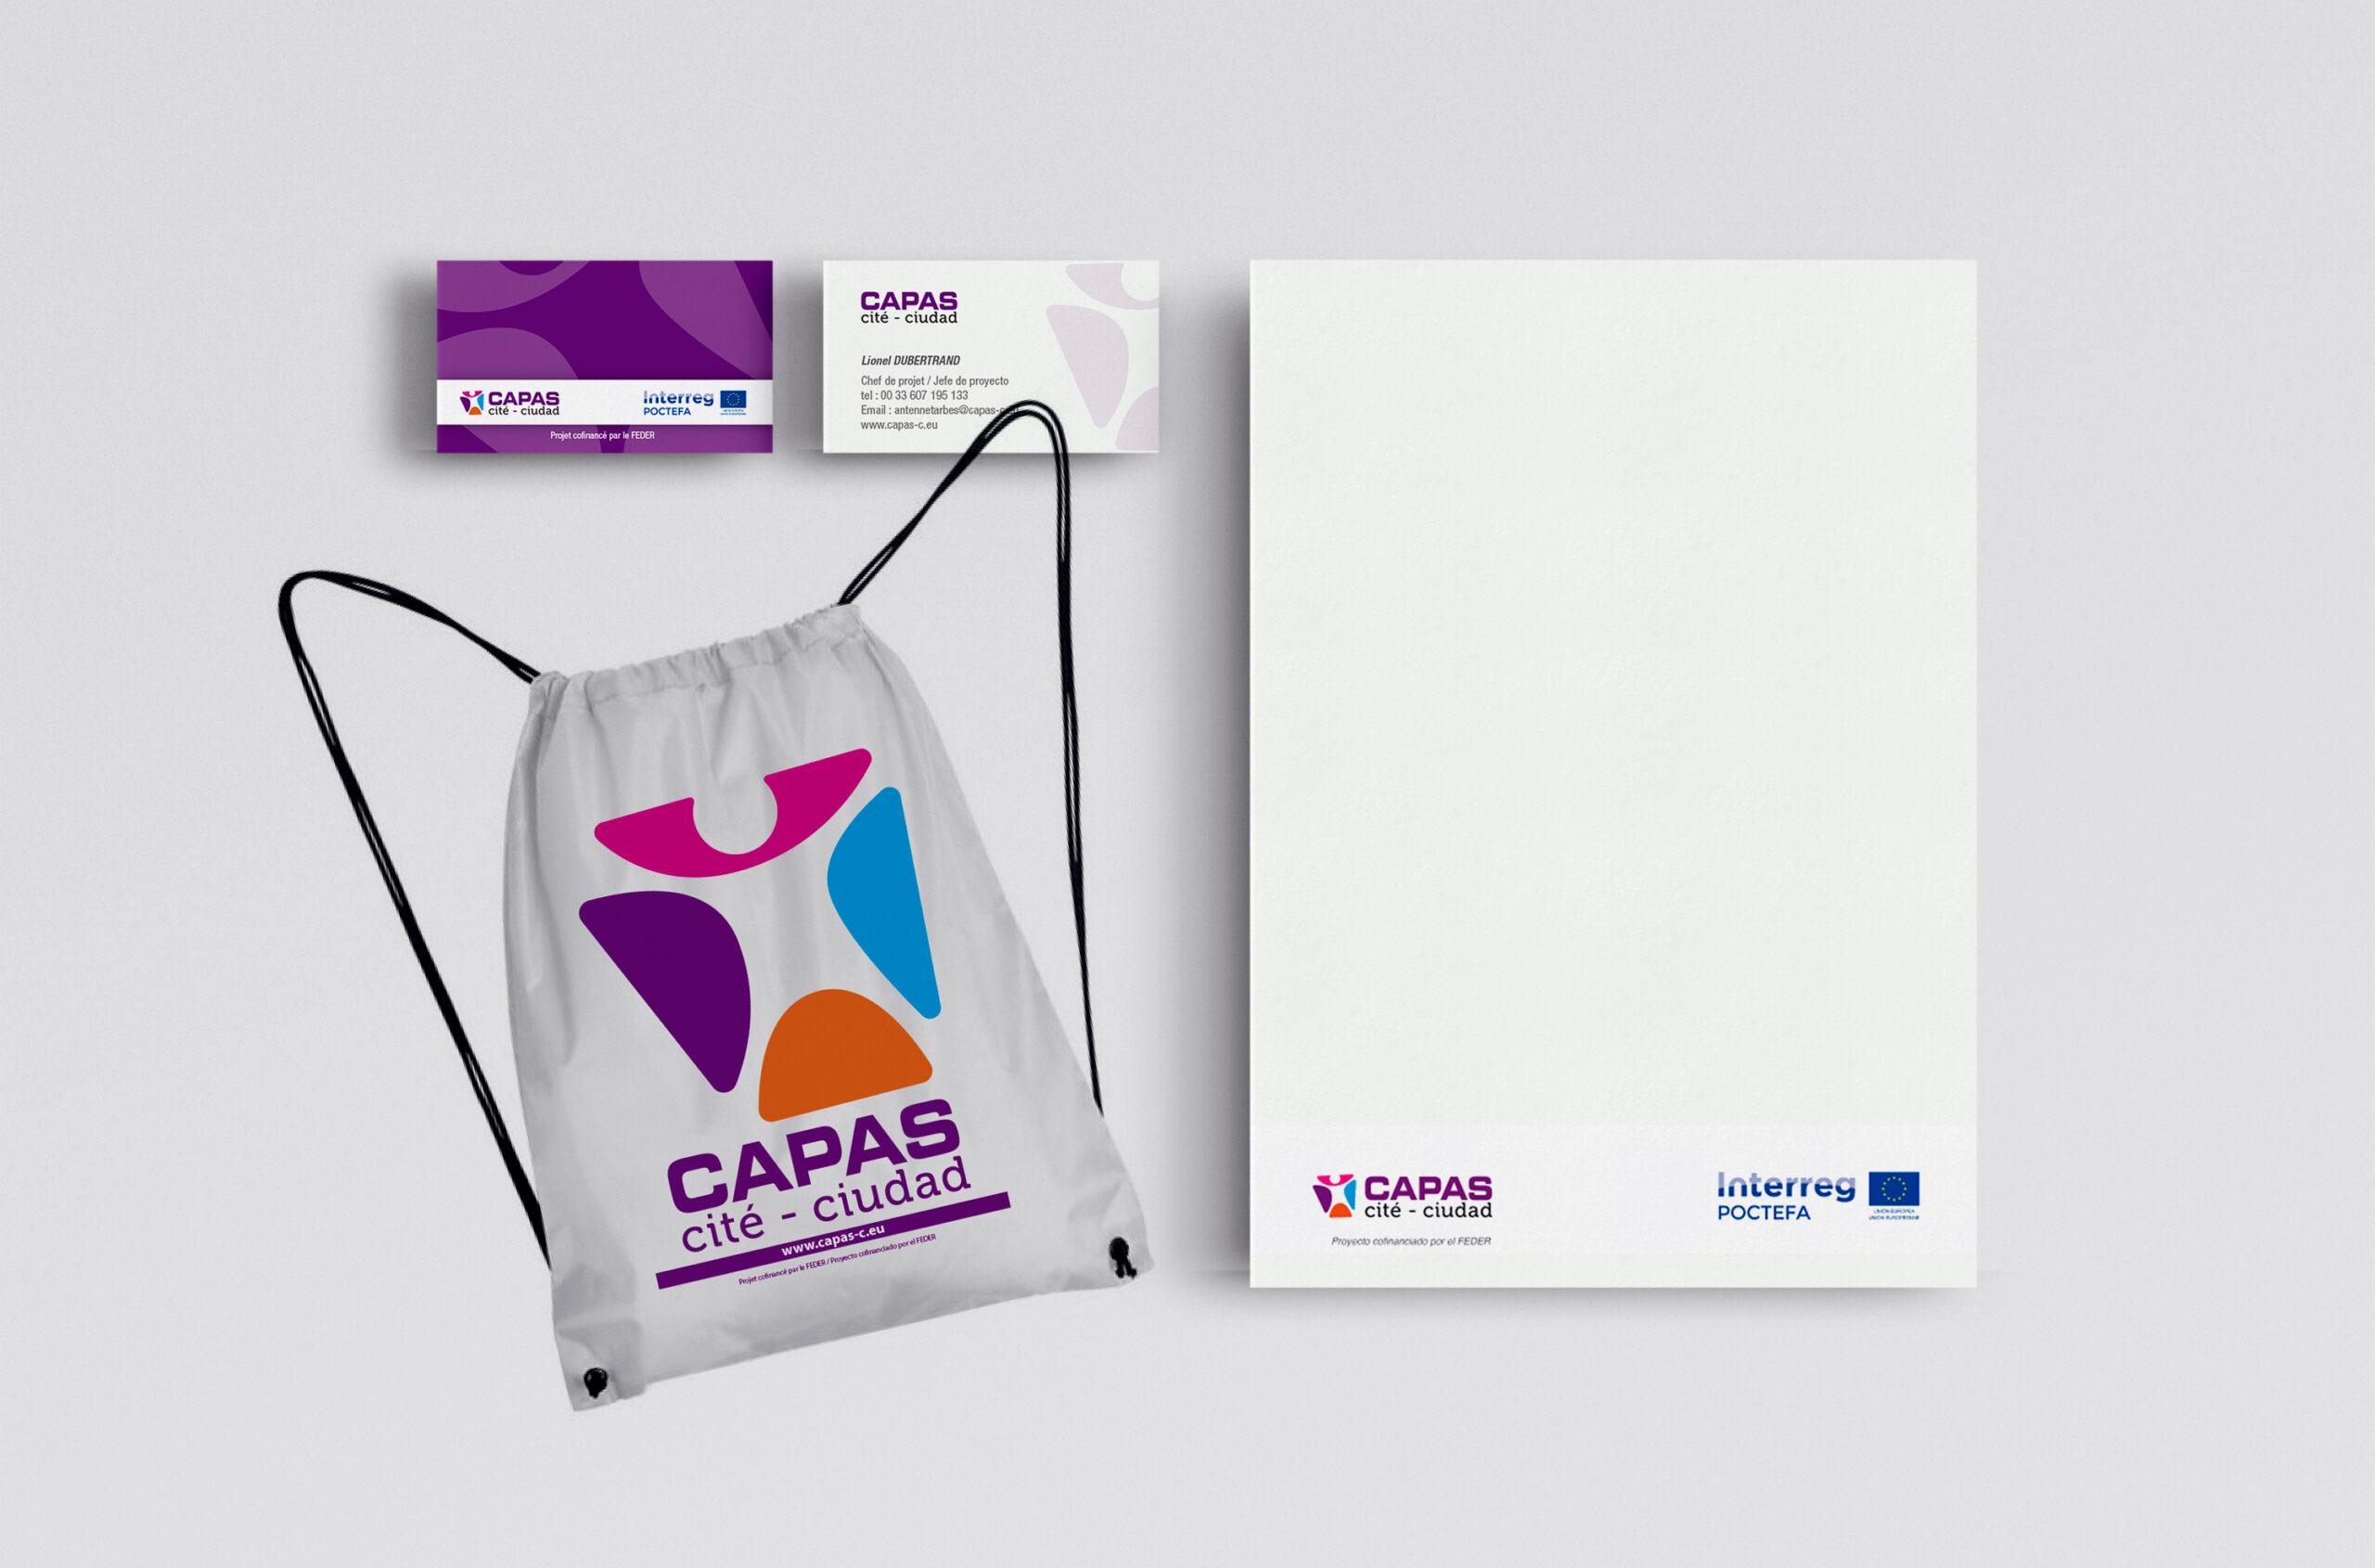 aplicaciones proyecto CAPAS-Ciudad